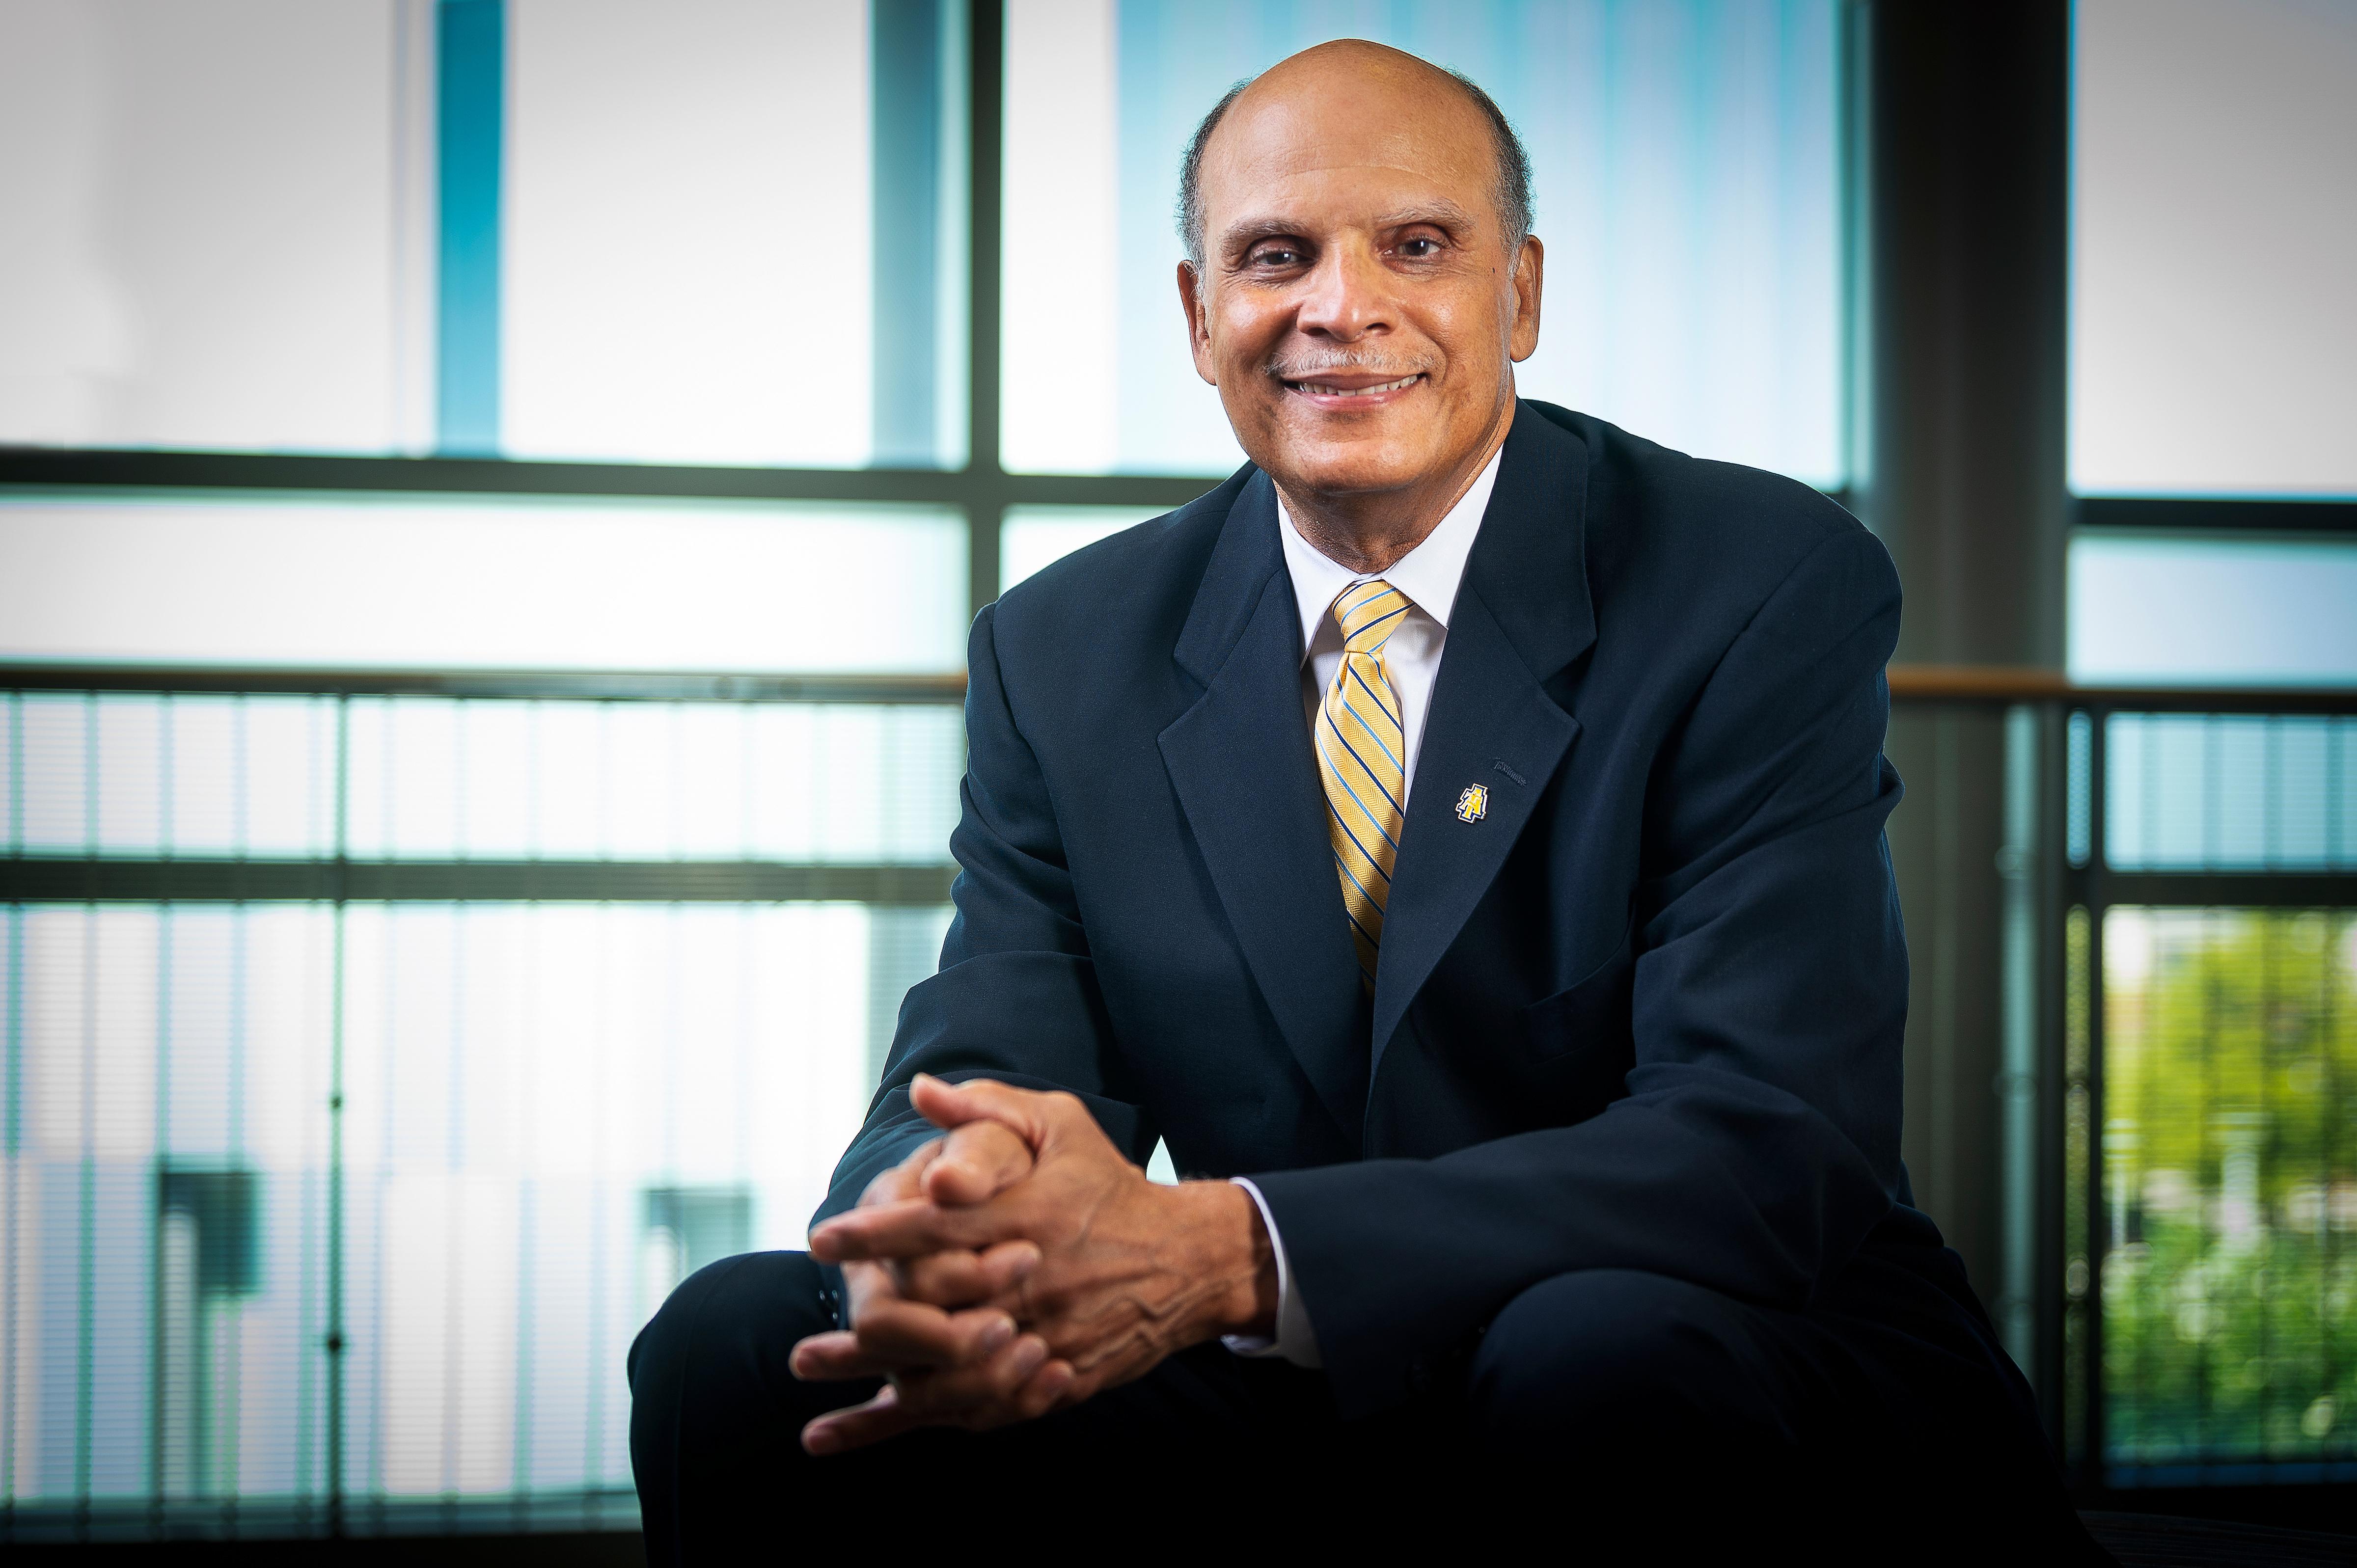 Harold L. Martin, NC A&T Chancellor